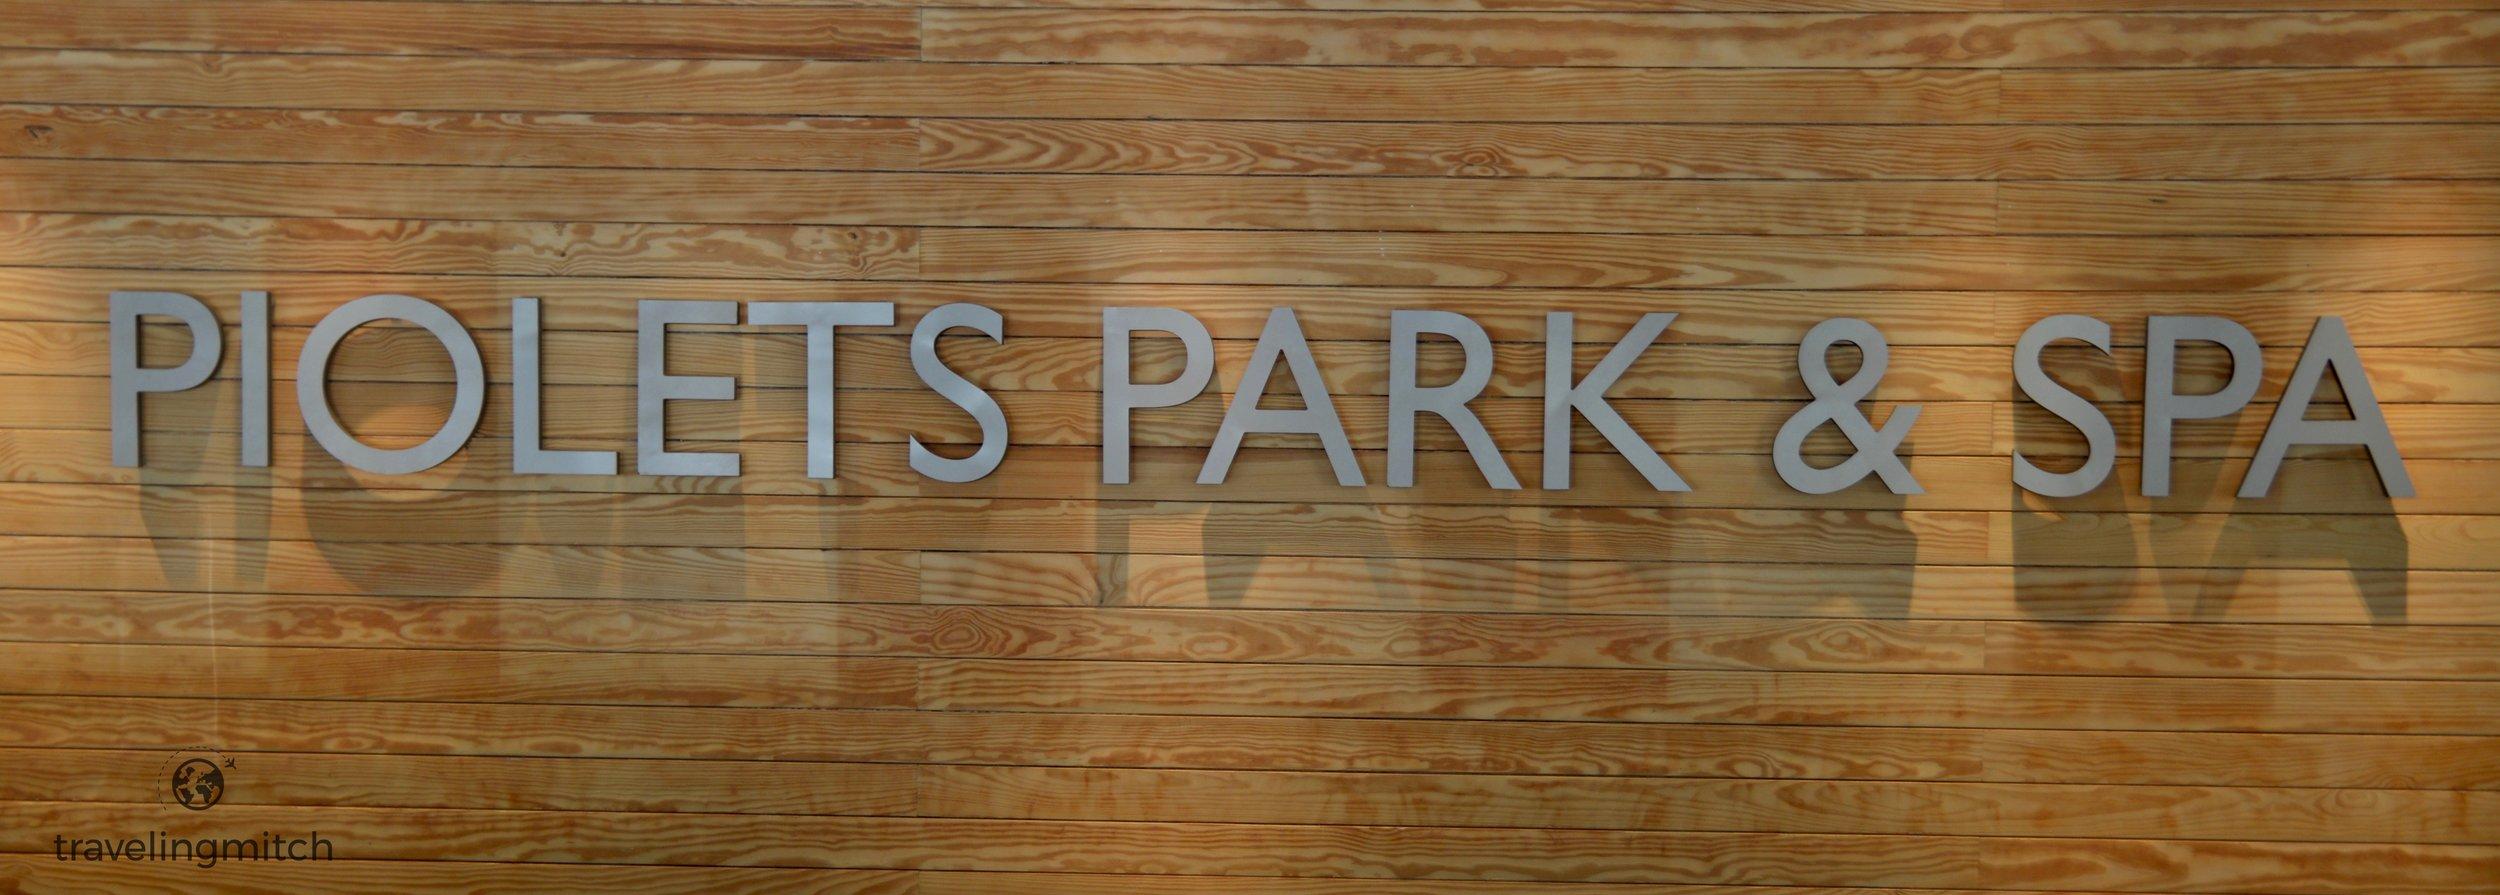 The lobby of Hotel Piolets Park & Spa